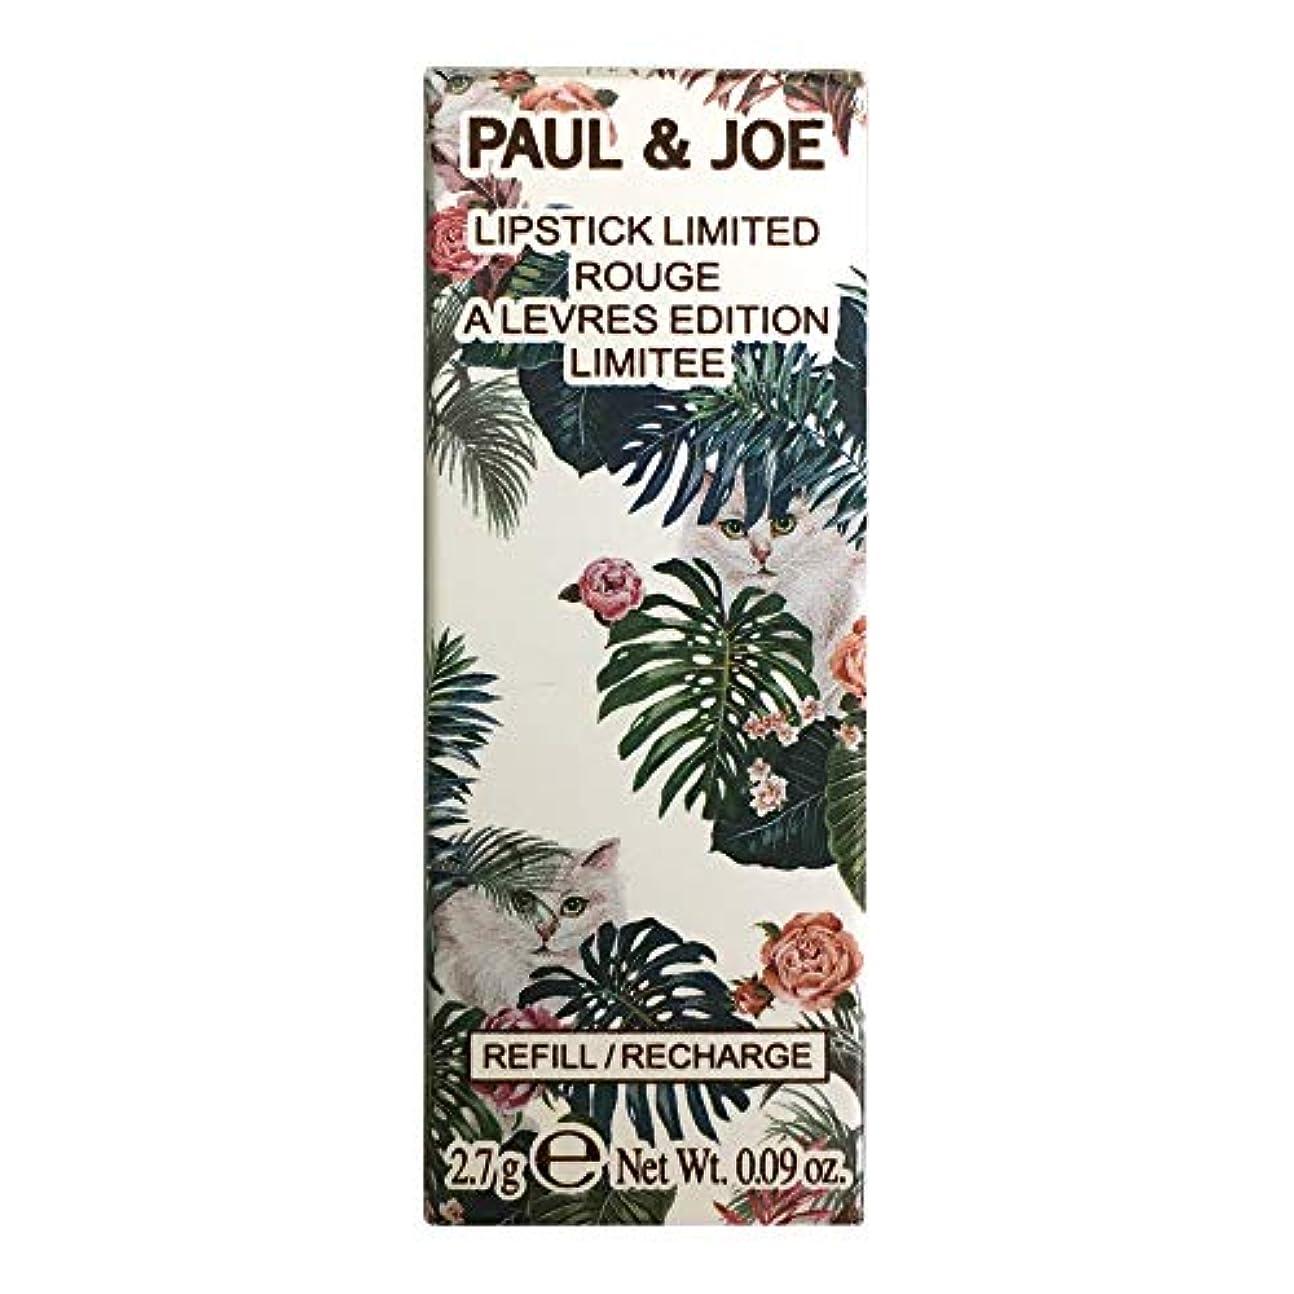 バンク第第九ポール & ジョー/PAUL & JOE リップスティック リミテッド #006(レフィル) (限定) [ 口紅 ] [並行輸入品]